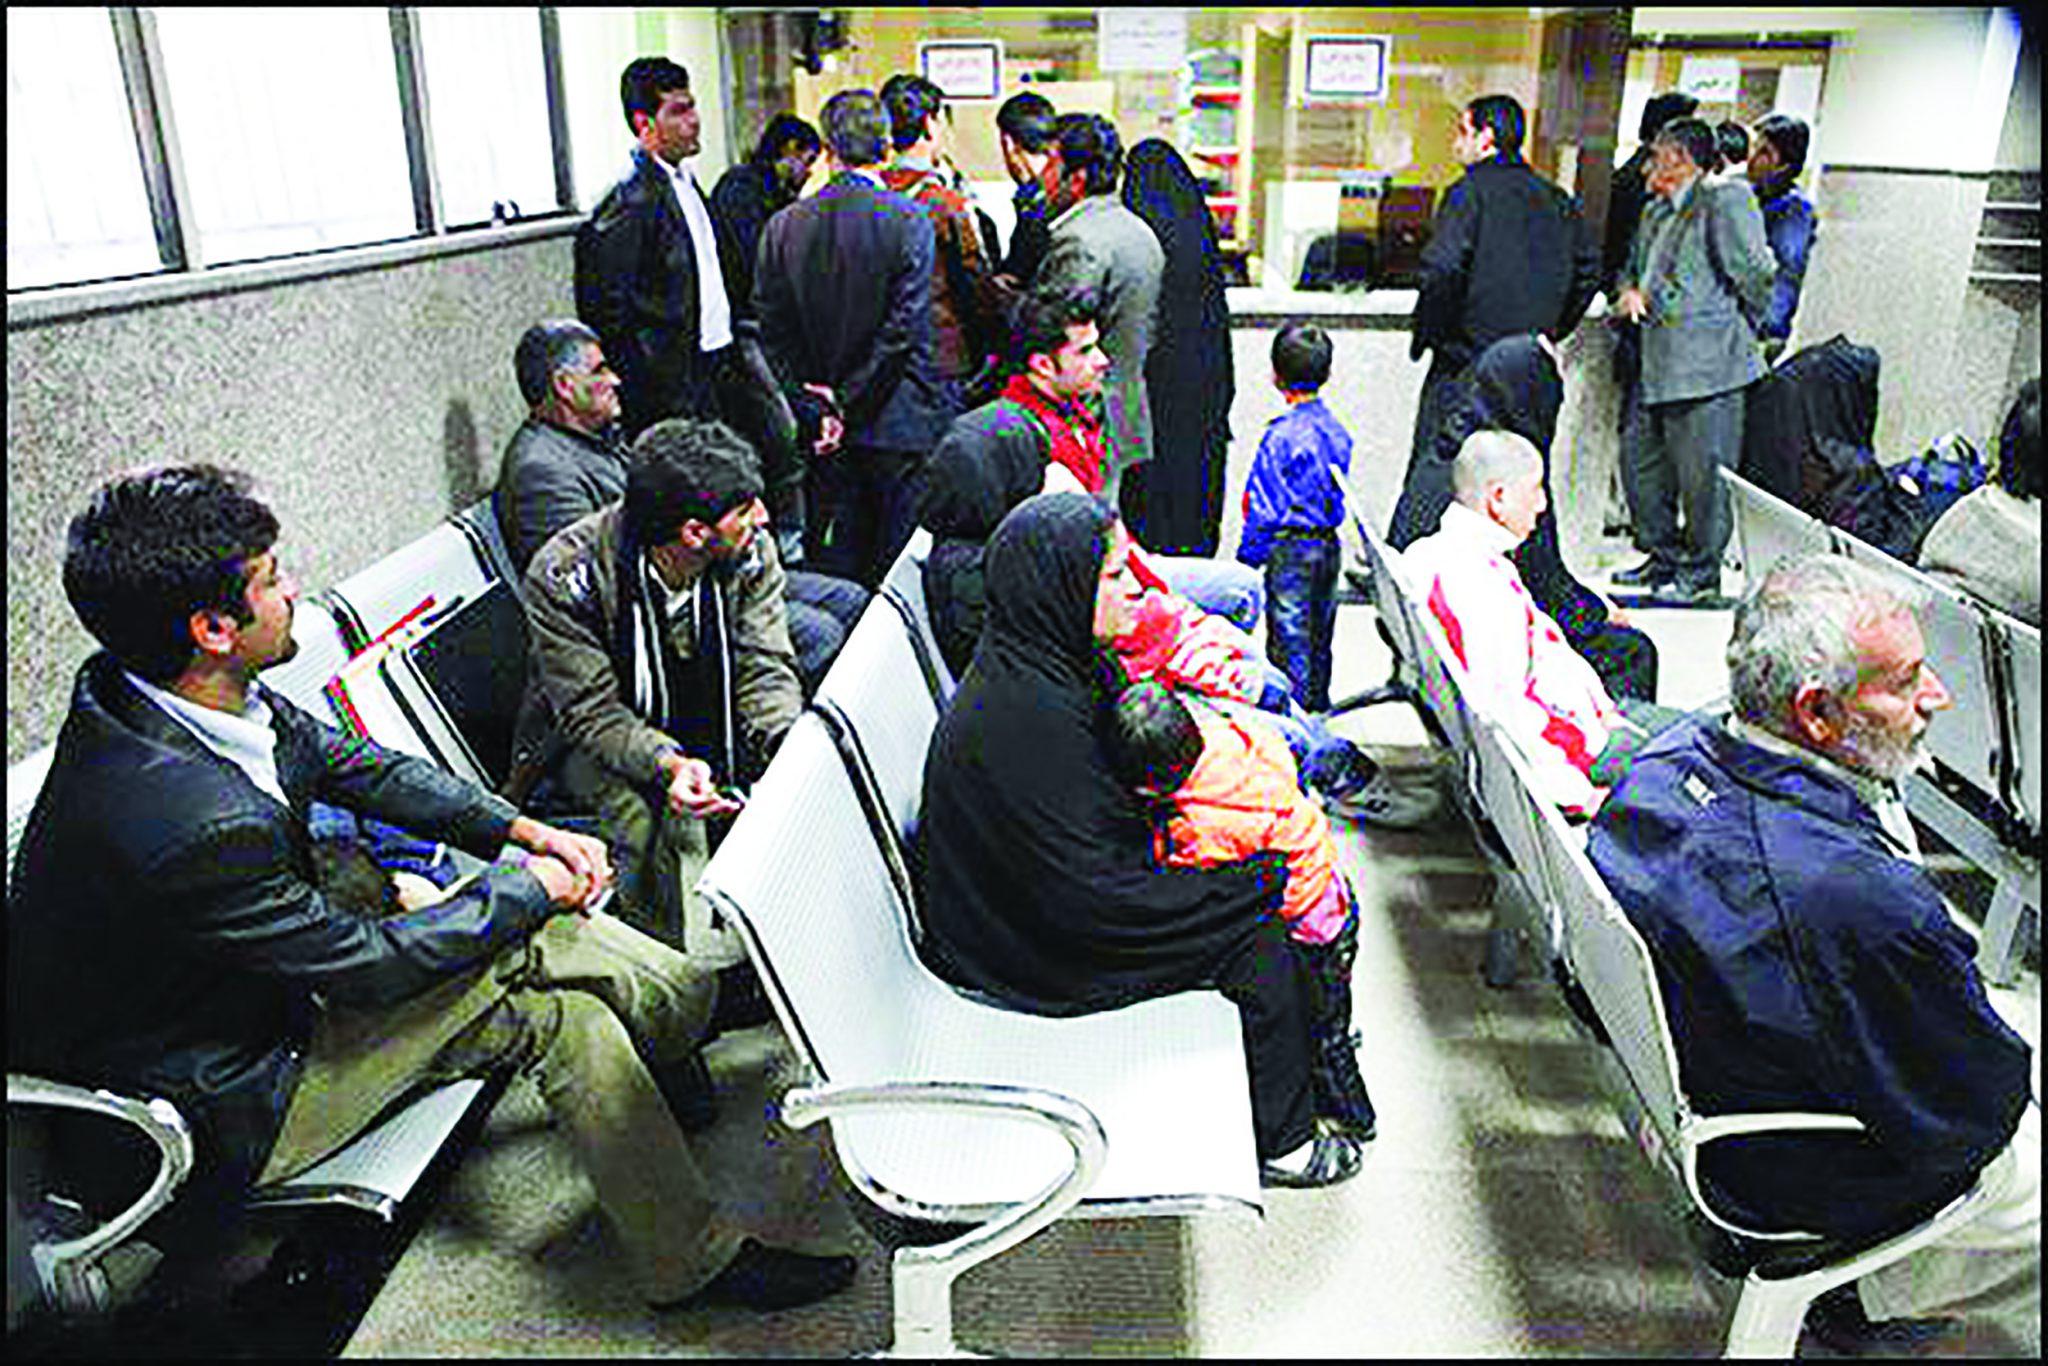 هفت تا هفت با بیمارستان امین / یک گزارش اماری مردمی